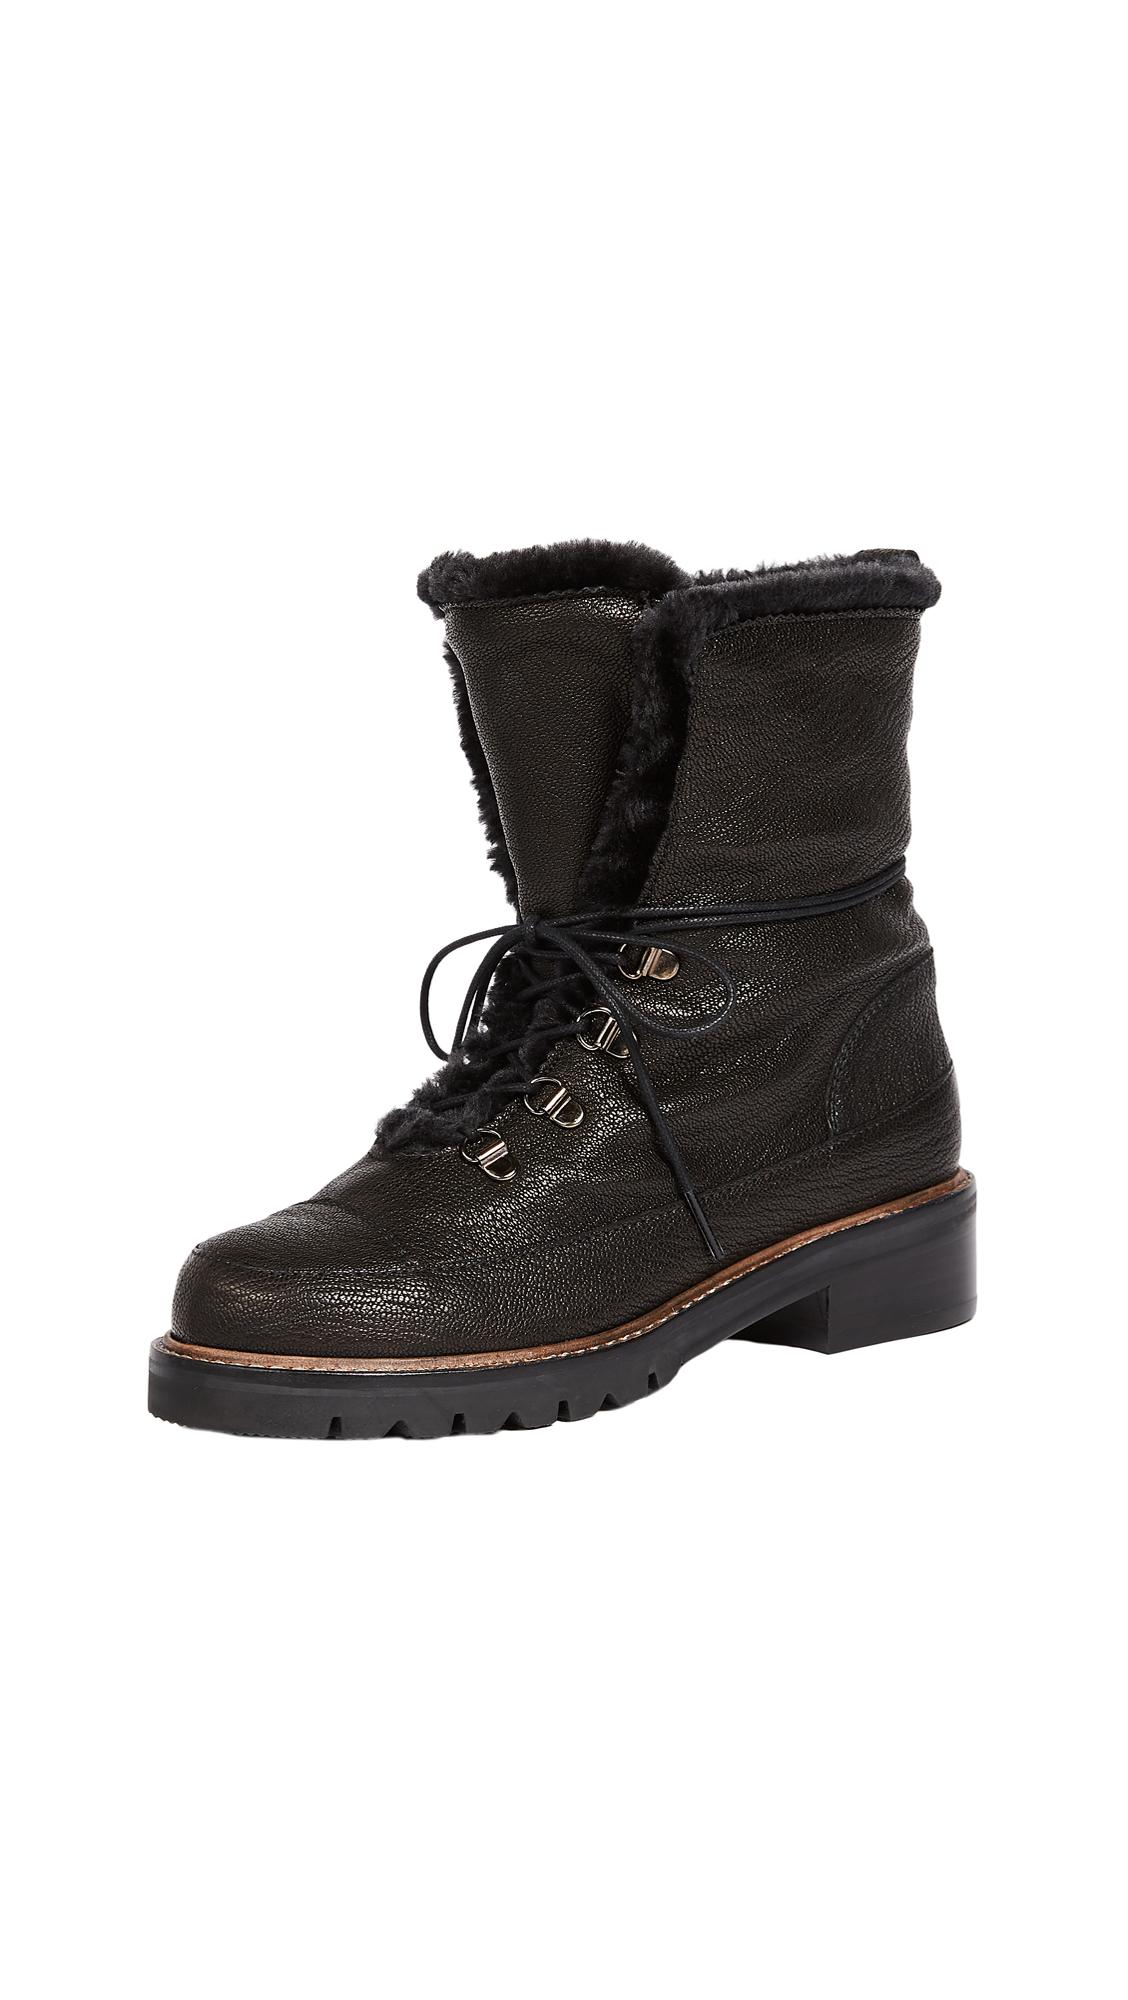 Stuart Weitzman Luge Hiking Boots - Nero